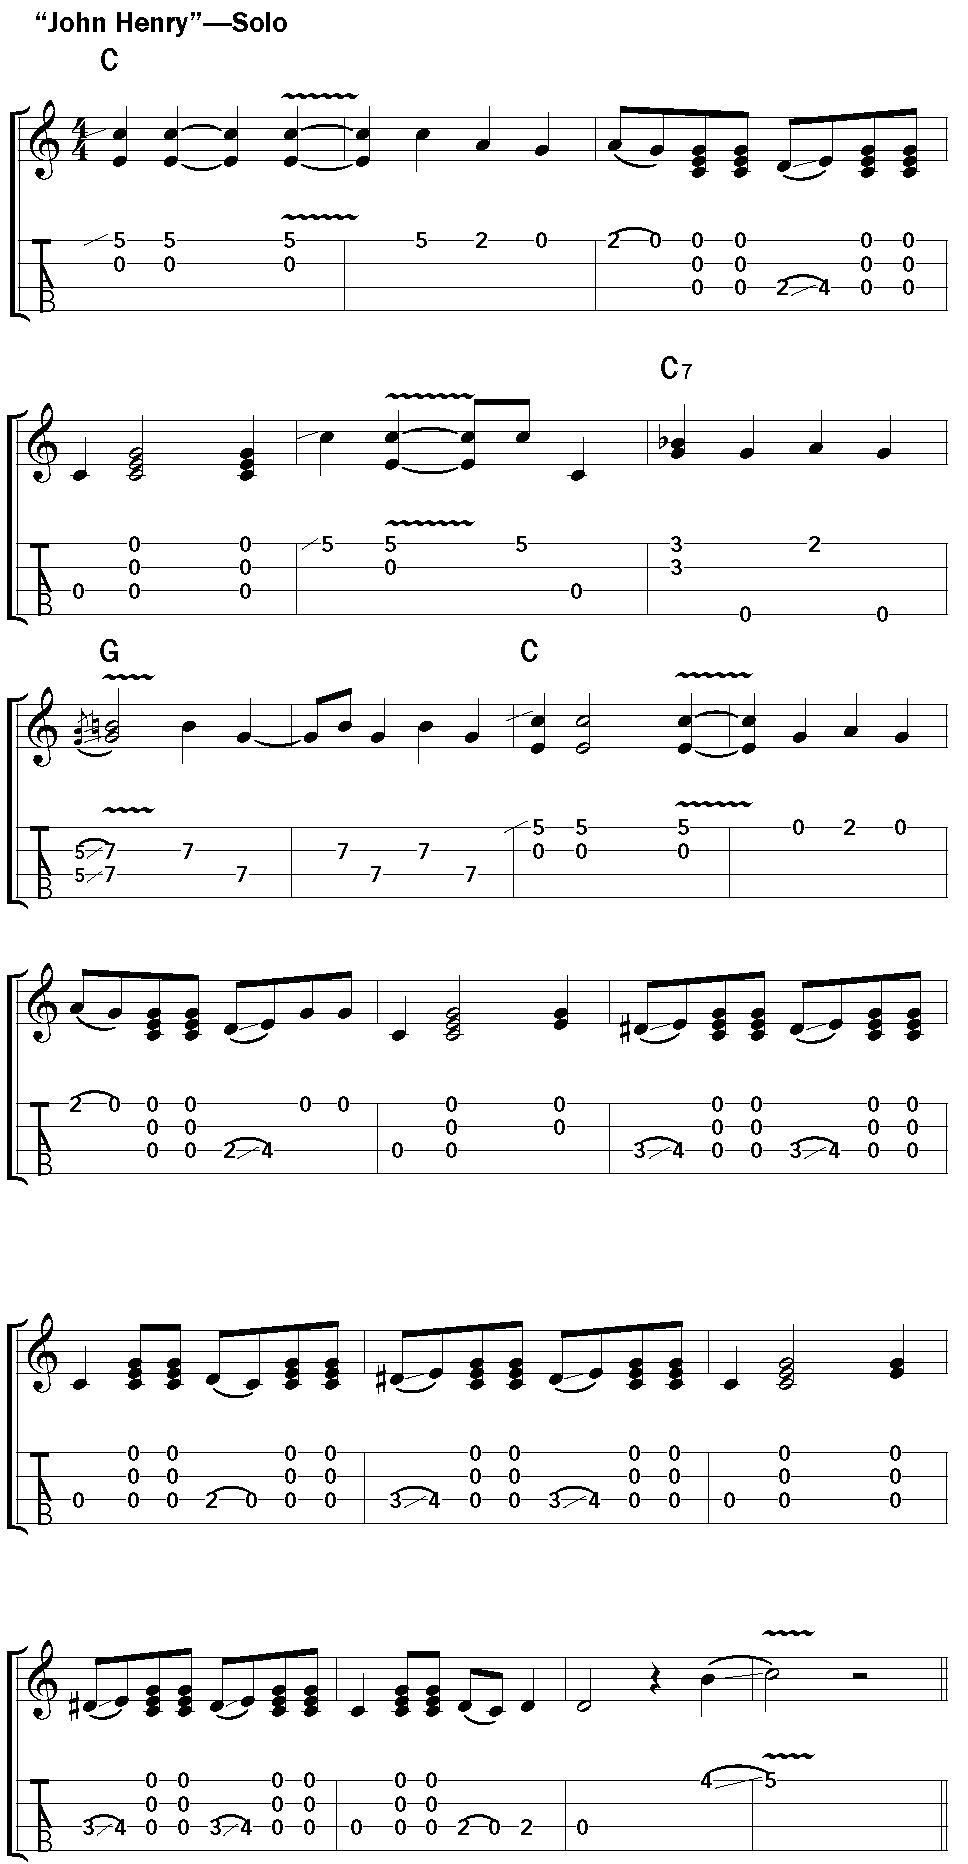 Bottleneck Blues on ukulele, music notation sheet 3